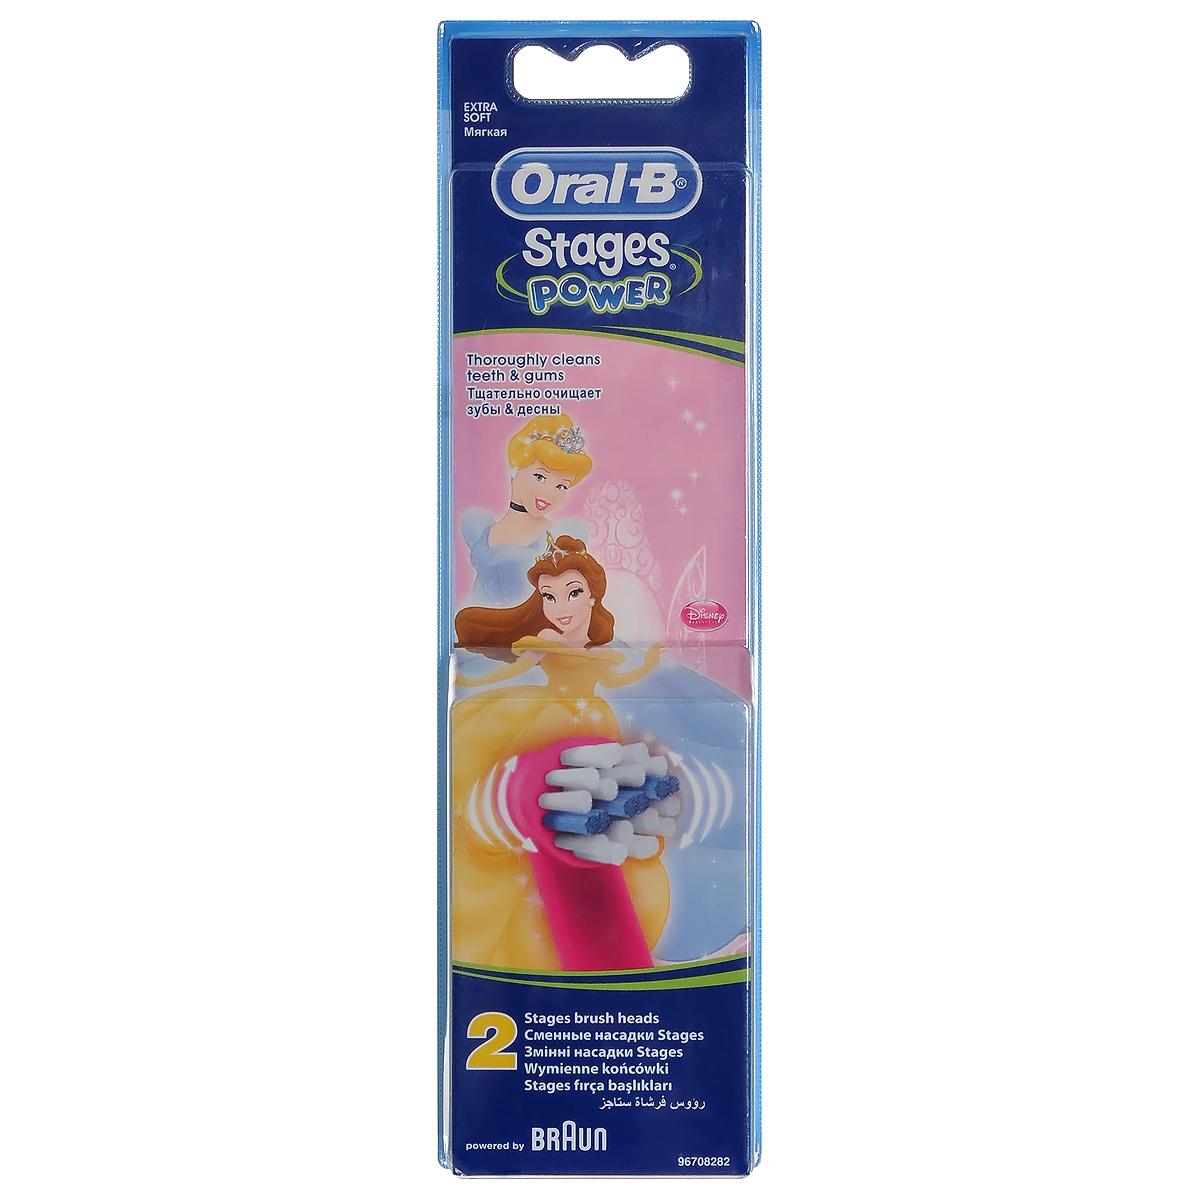 Насадка Oral-B Kids, 2 шт, БелоснежкаBRU-64706728_БелоснежкаСменная насадка Oral-B Stages Kids Белоснежка для электрической зубной щетки имеет специальные, меньшие по размеру щетинки, которые обеспечивают бережную, сверхмягкую чистку и делают ее идеальной для маленьких зубов и детского рта.